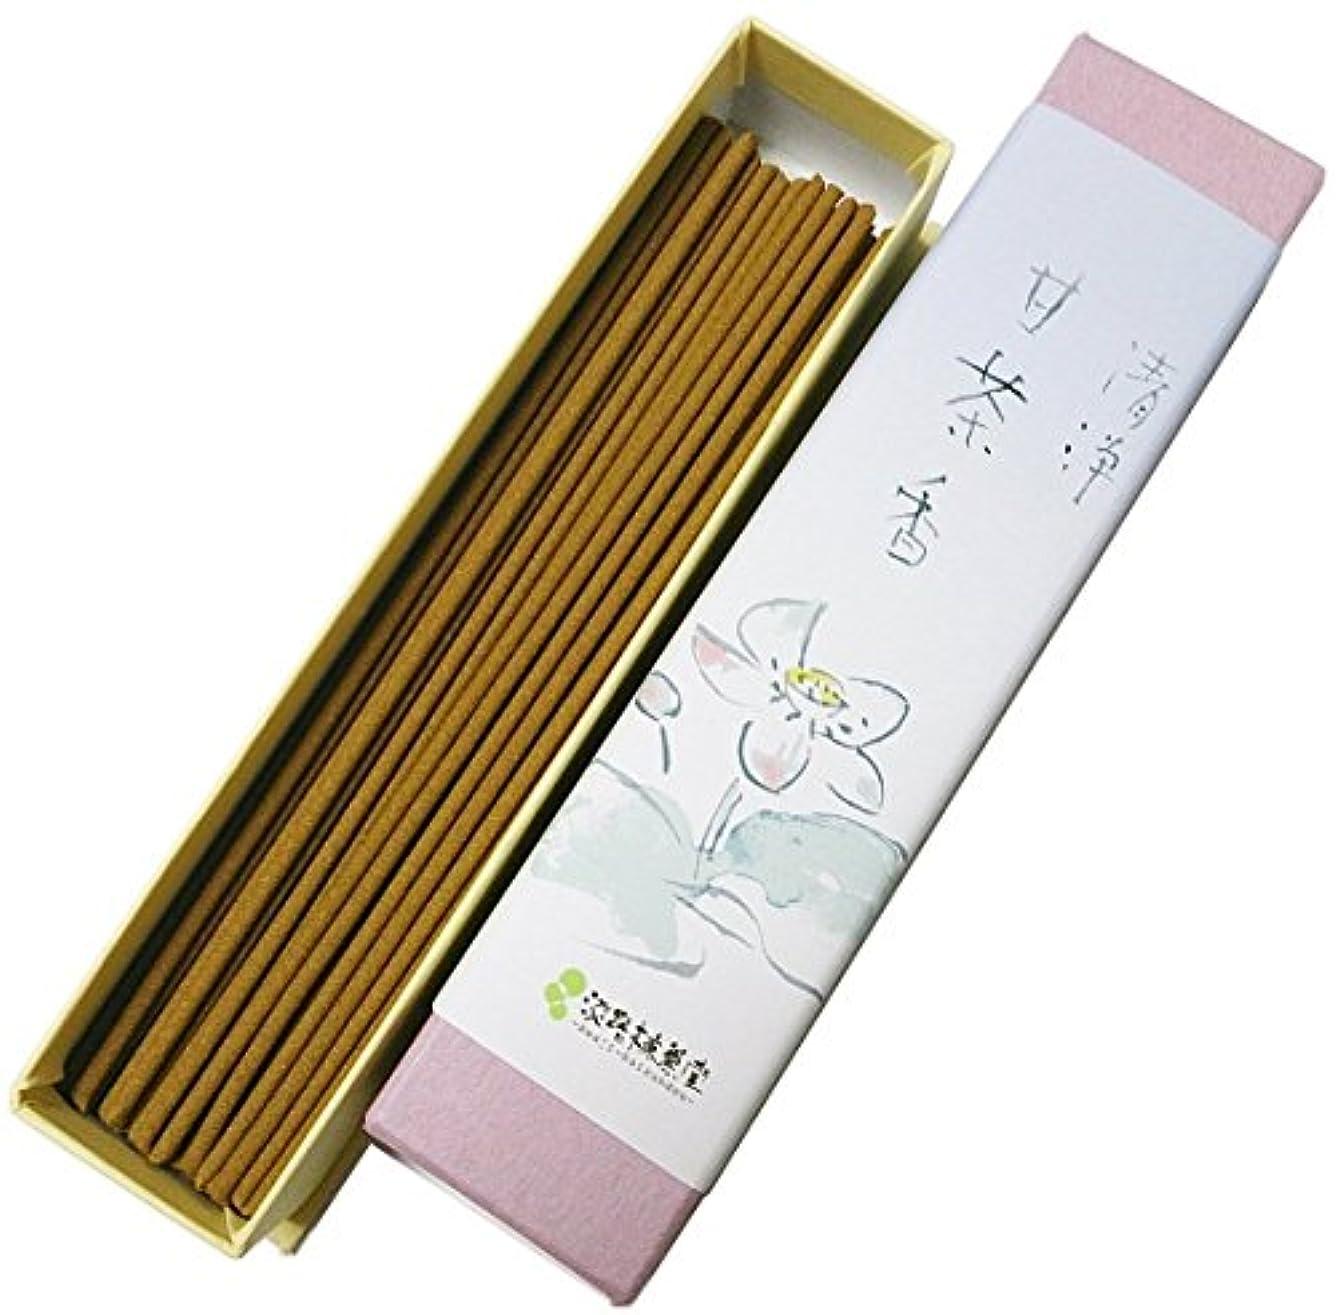 嫌悪割る君主制淡路梅薫堂の浄化お香 清浄甘茶香 18g #31 ×200 japanese incense sticks